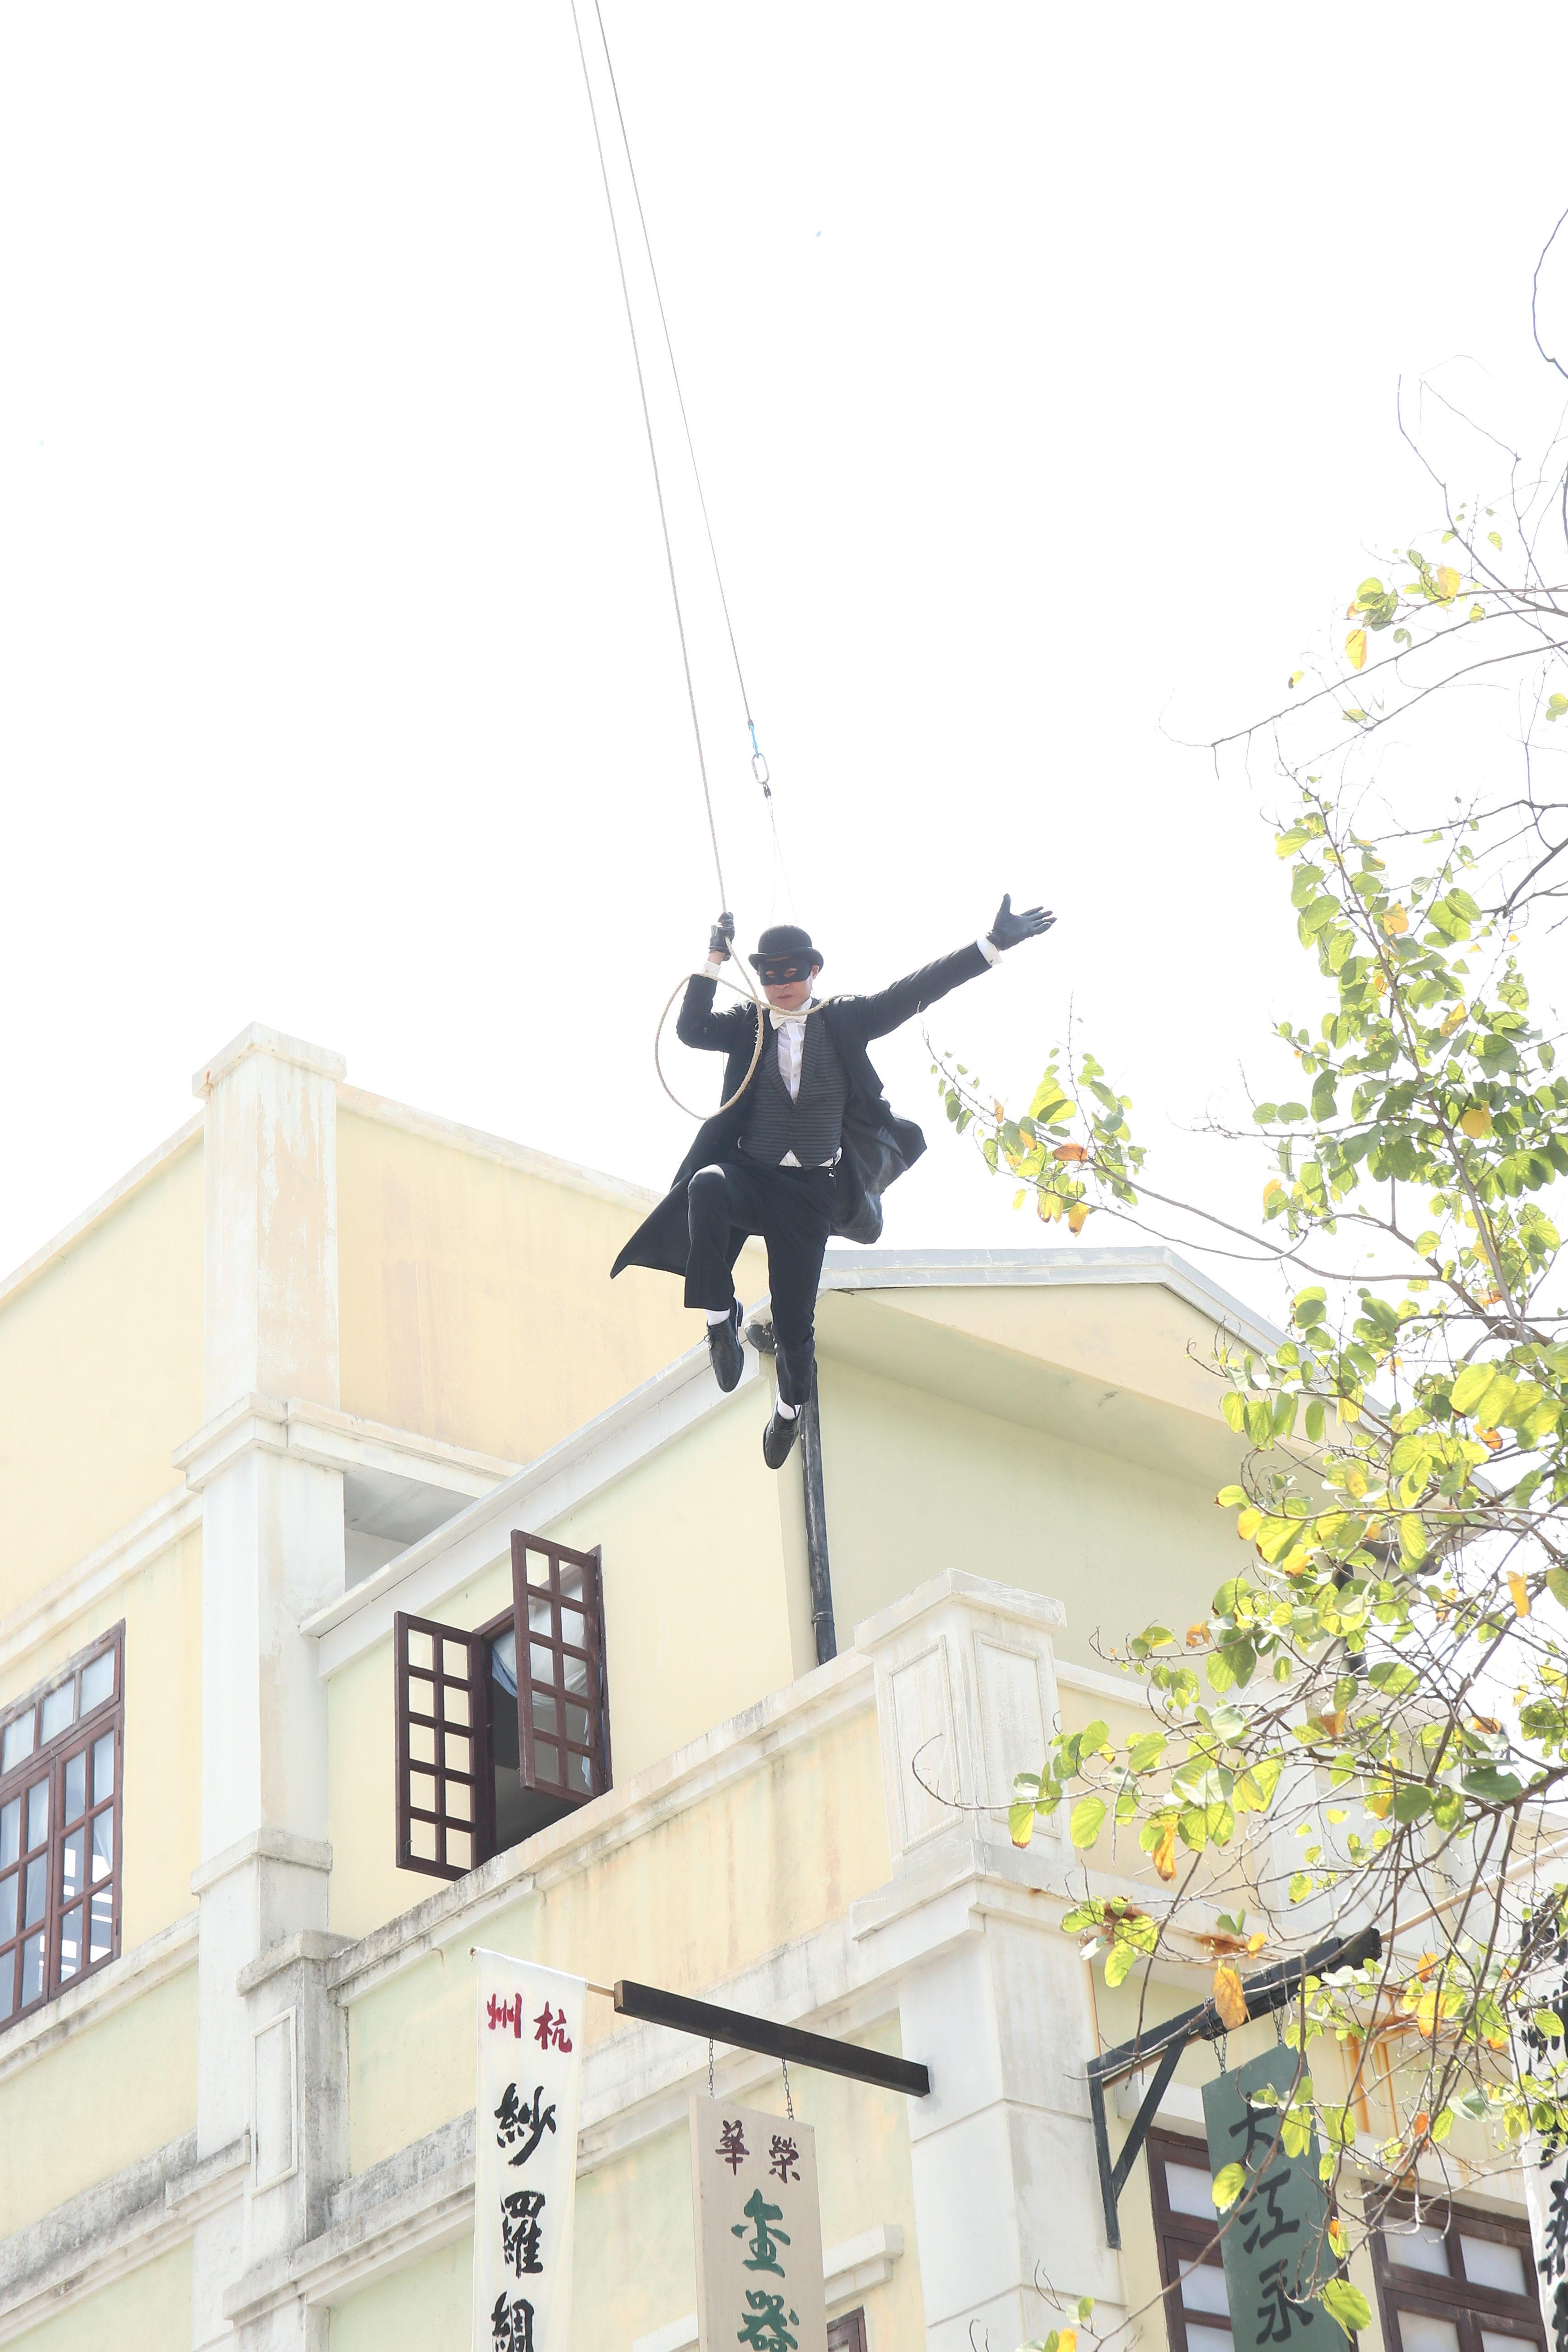 黃智賢吊威也在空中飛來飛去,有當有型。